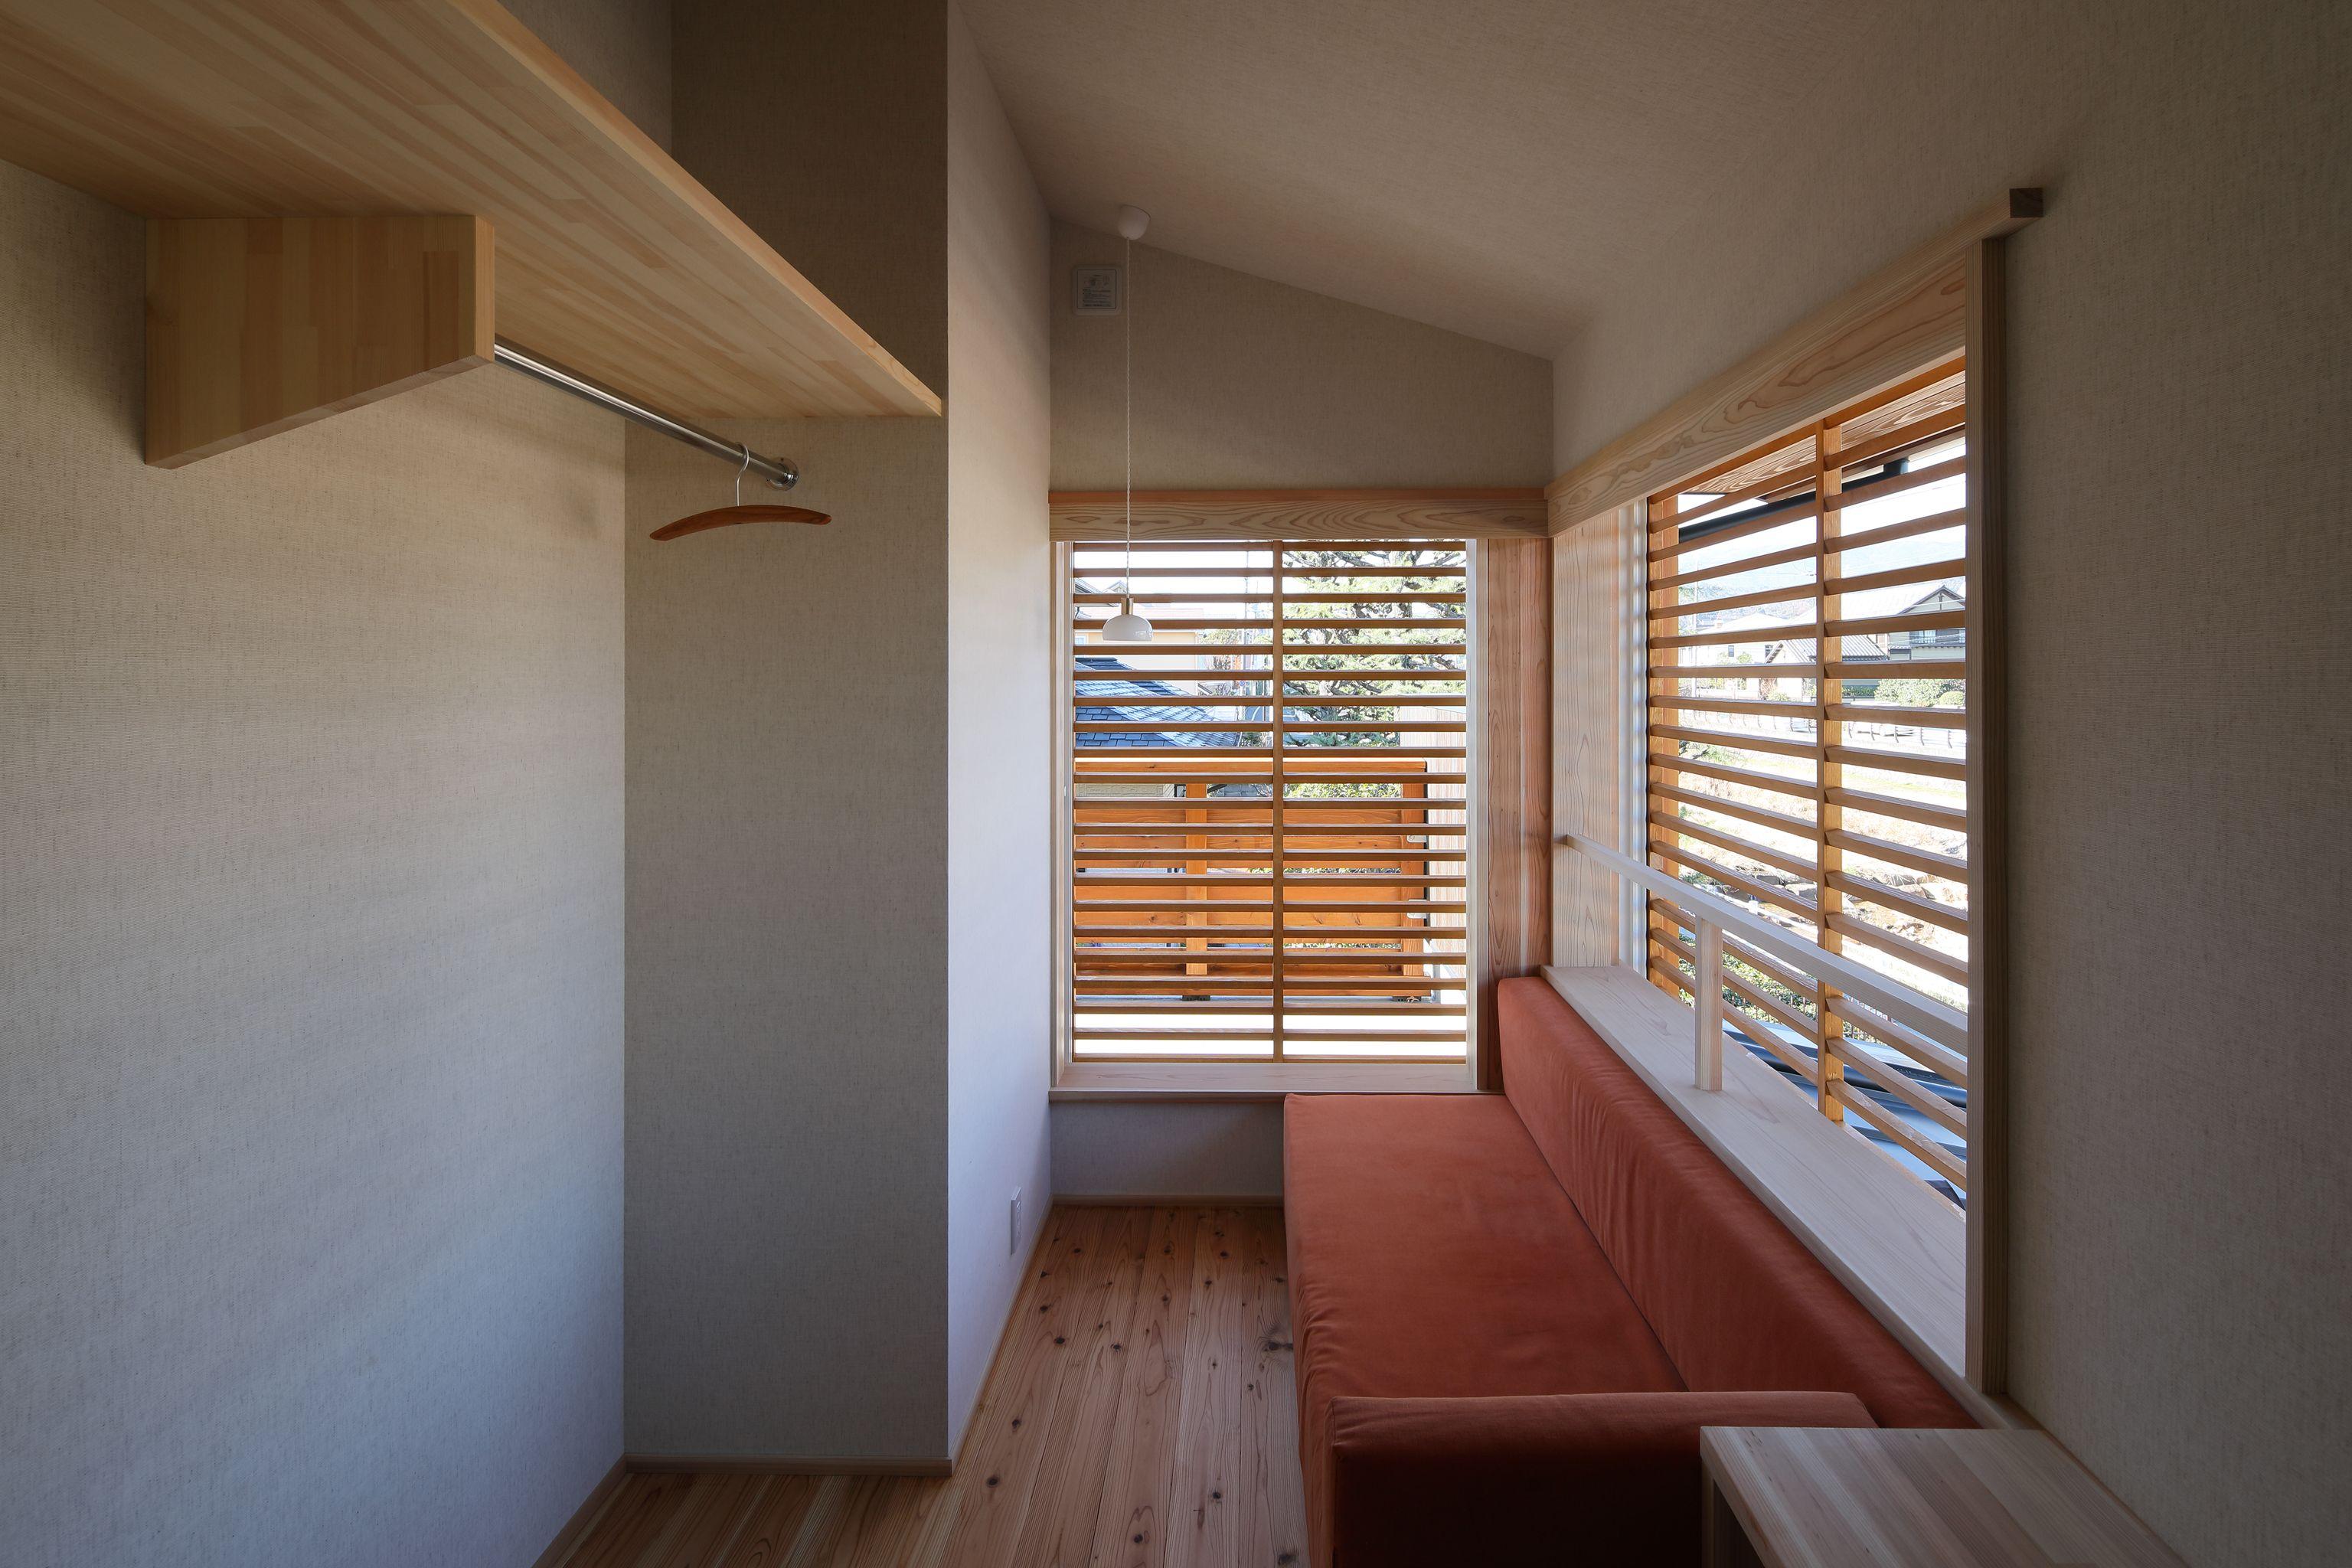 造り付けソファーは 素材からすべてオーダーした一品 開閉できる木製ルーバーで入る光をコントロールできます ここで